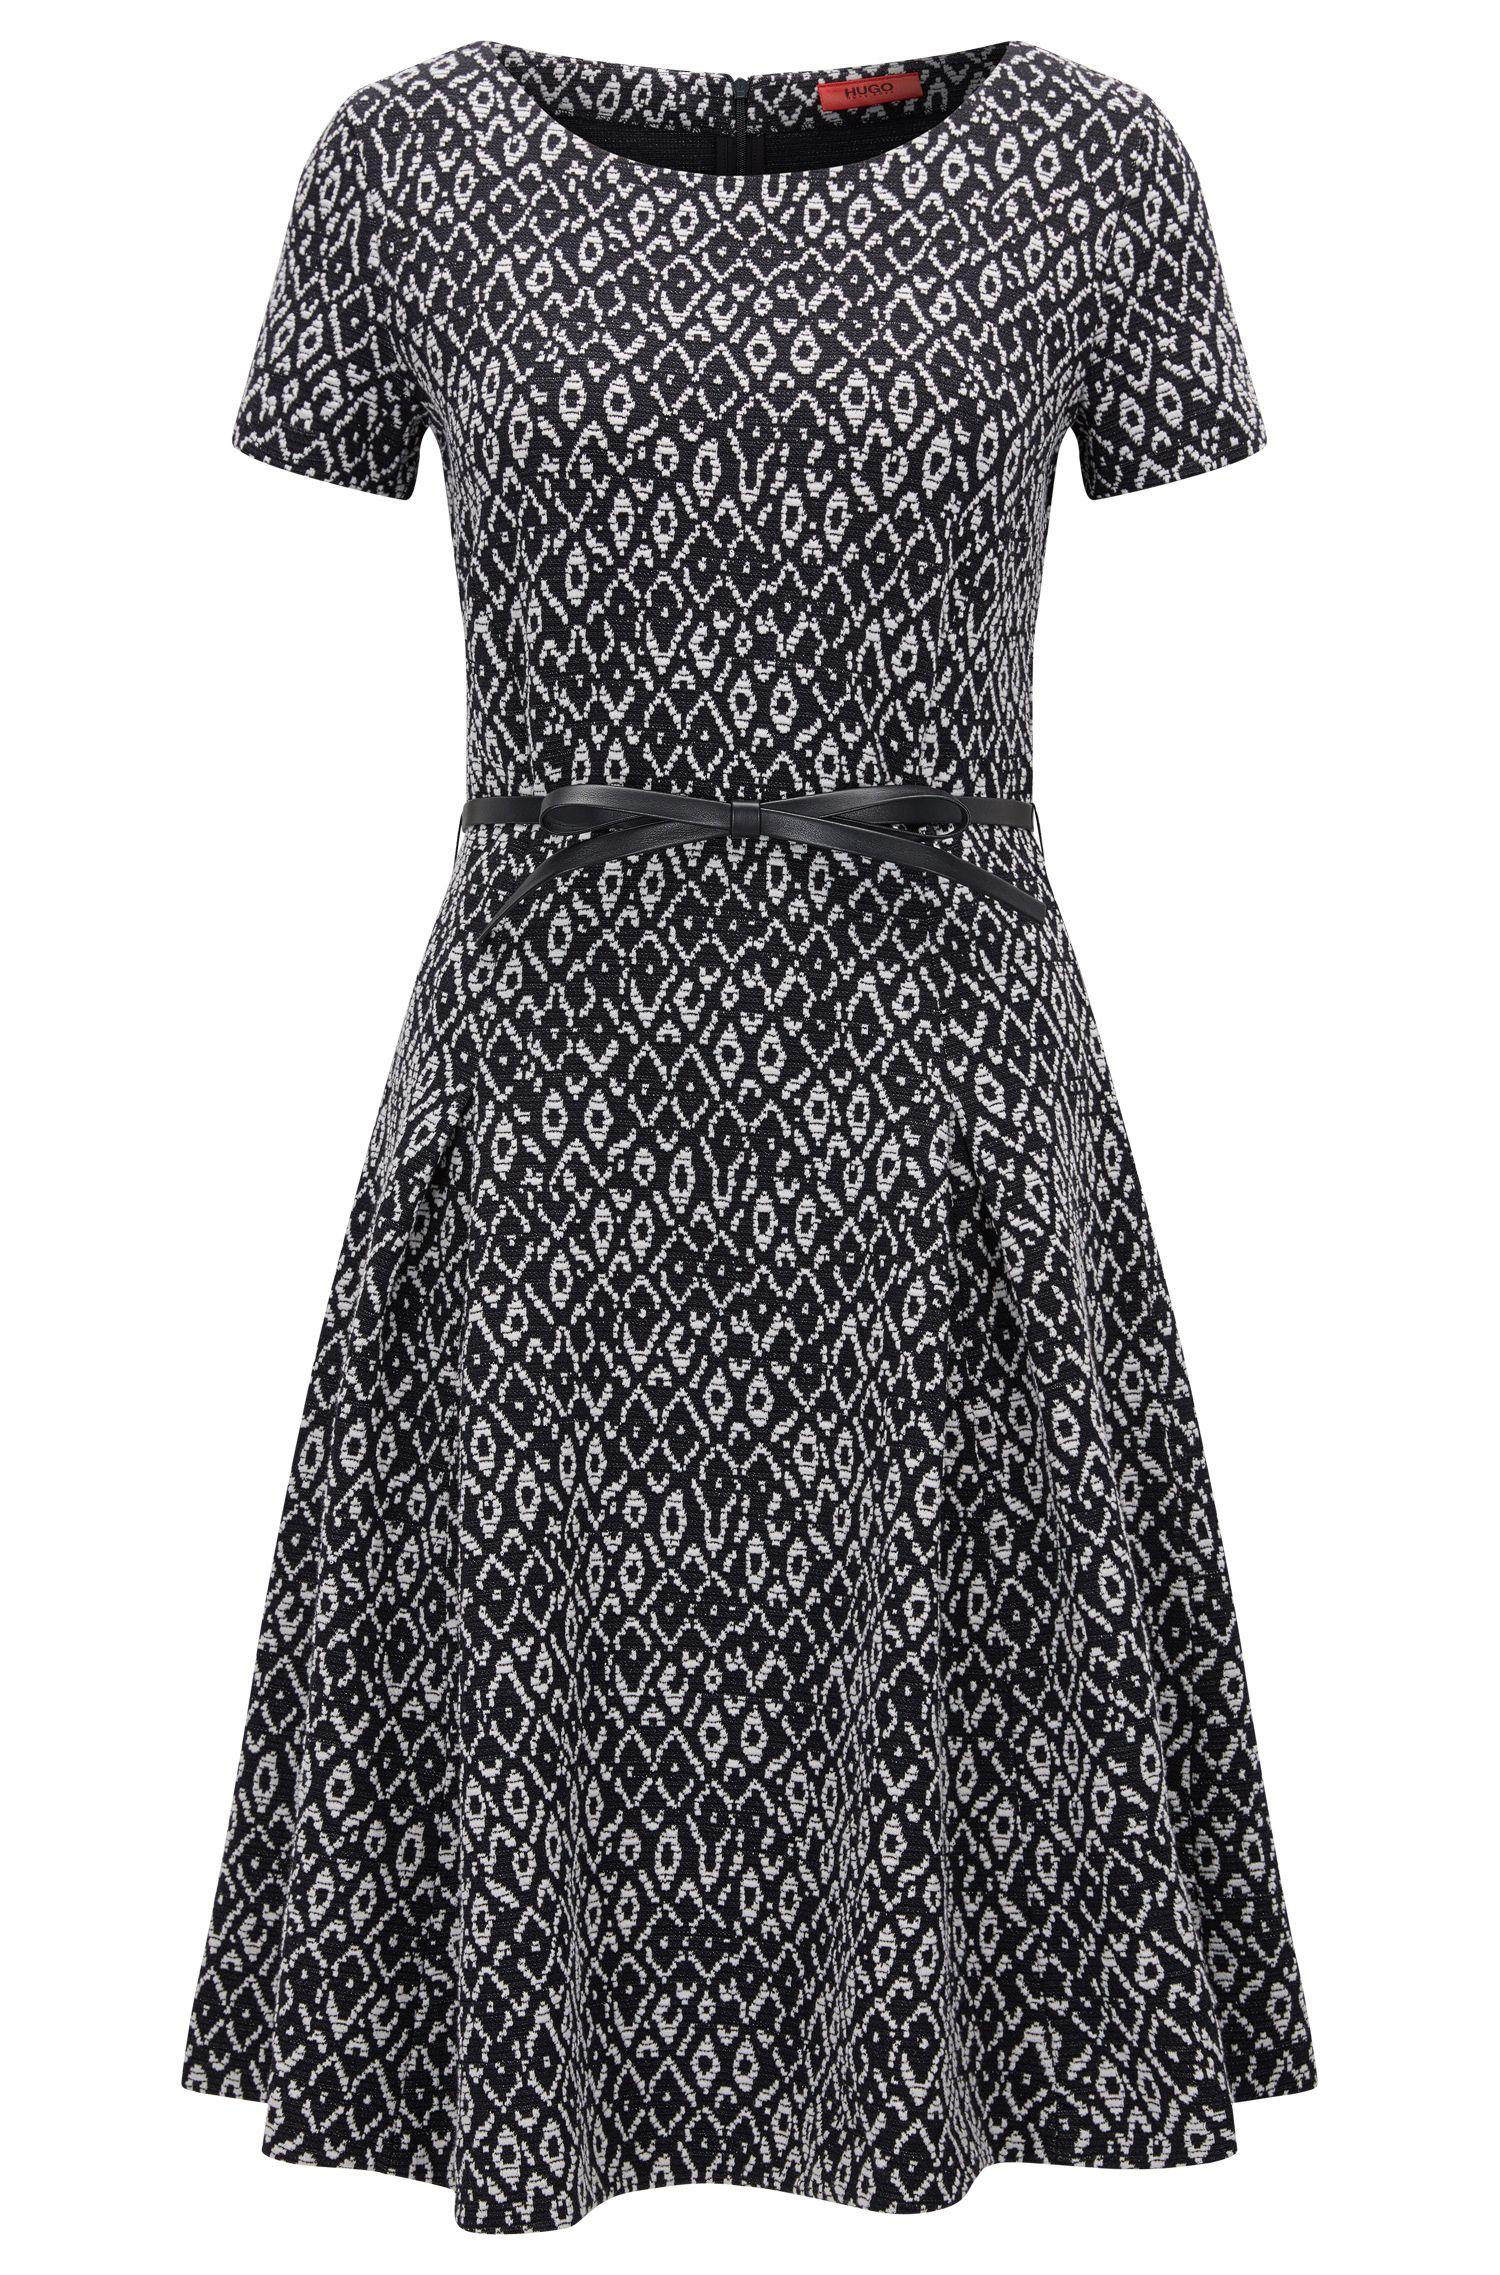 Getailleerde slim-fit jurk in tweekleurig jacquard